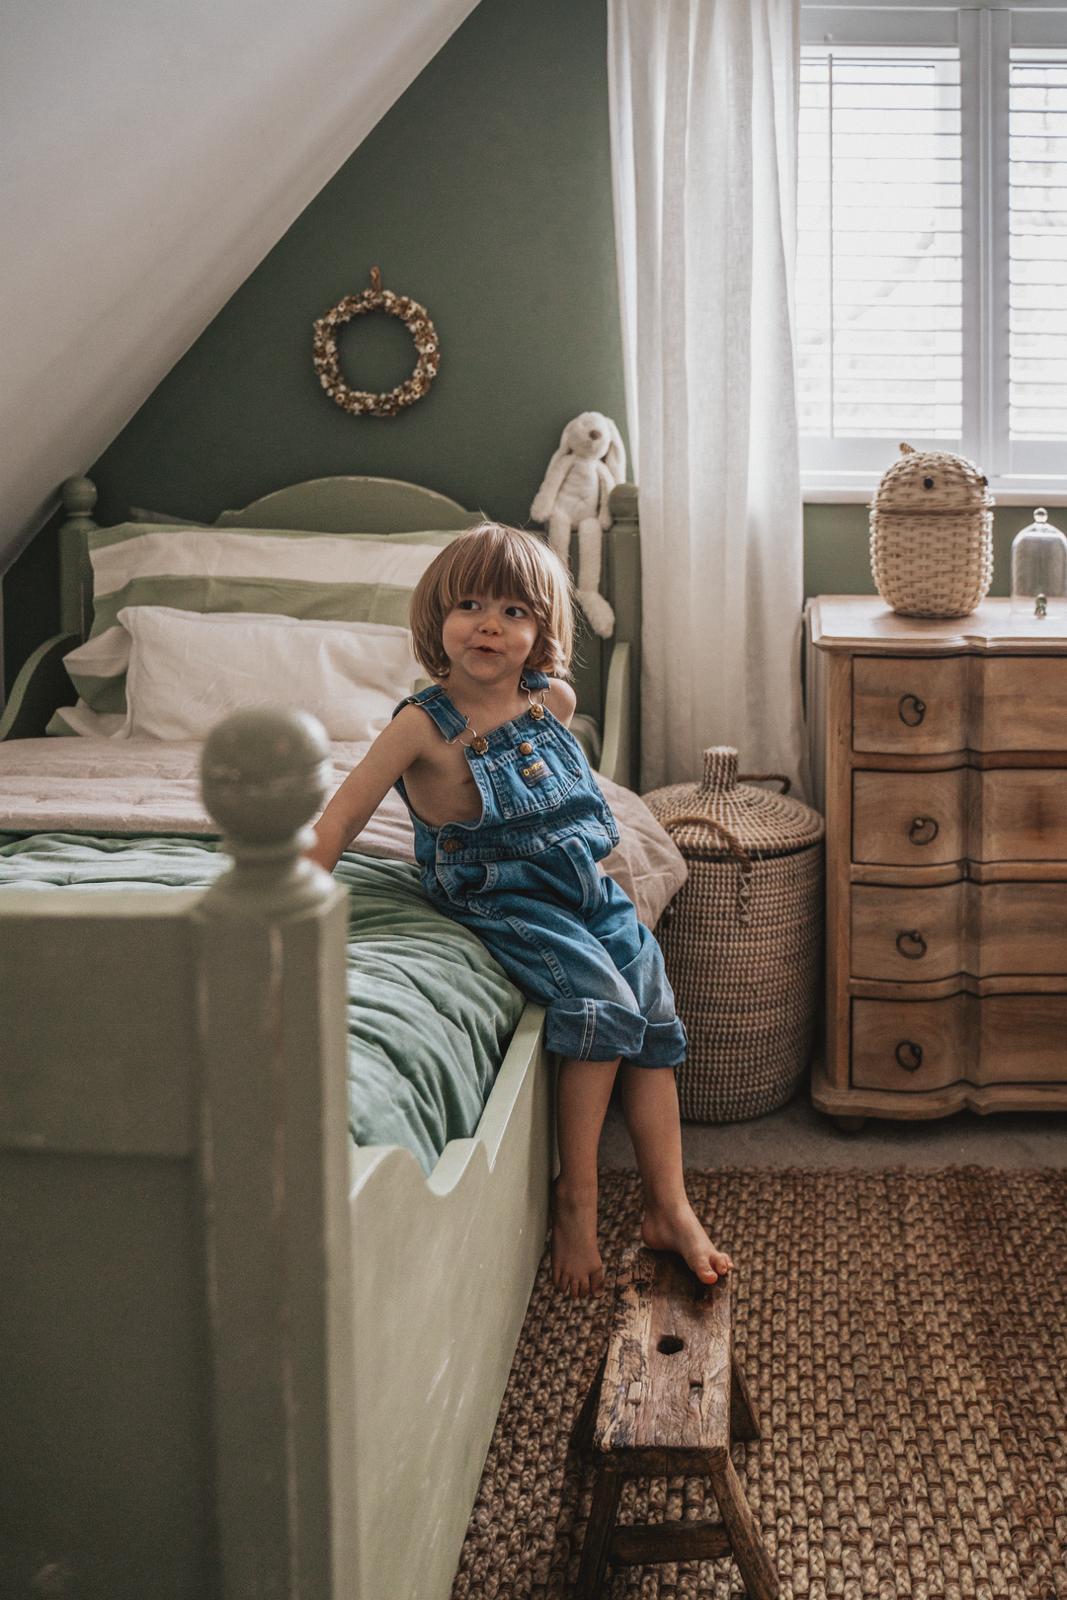 Joey Kendal Brown used Secret Room in her son's dreamy bedroom